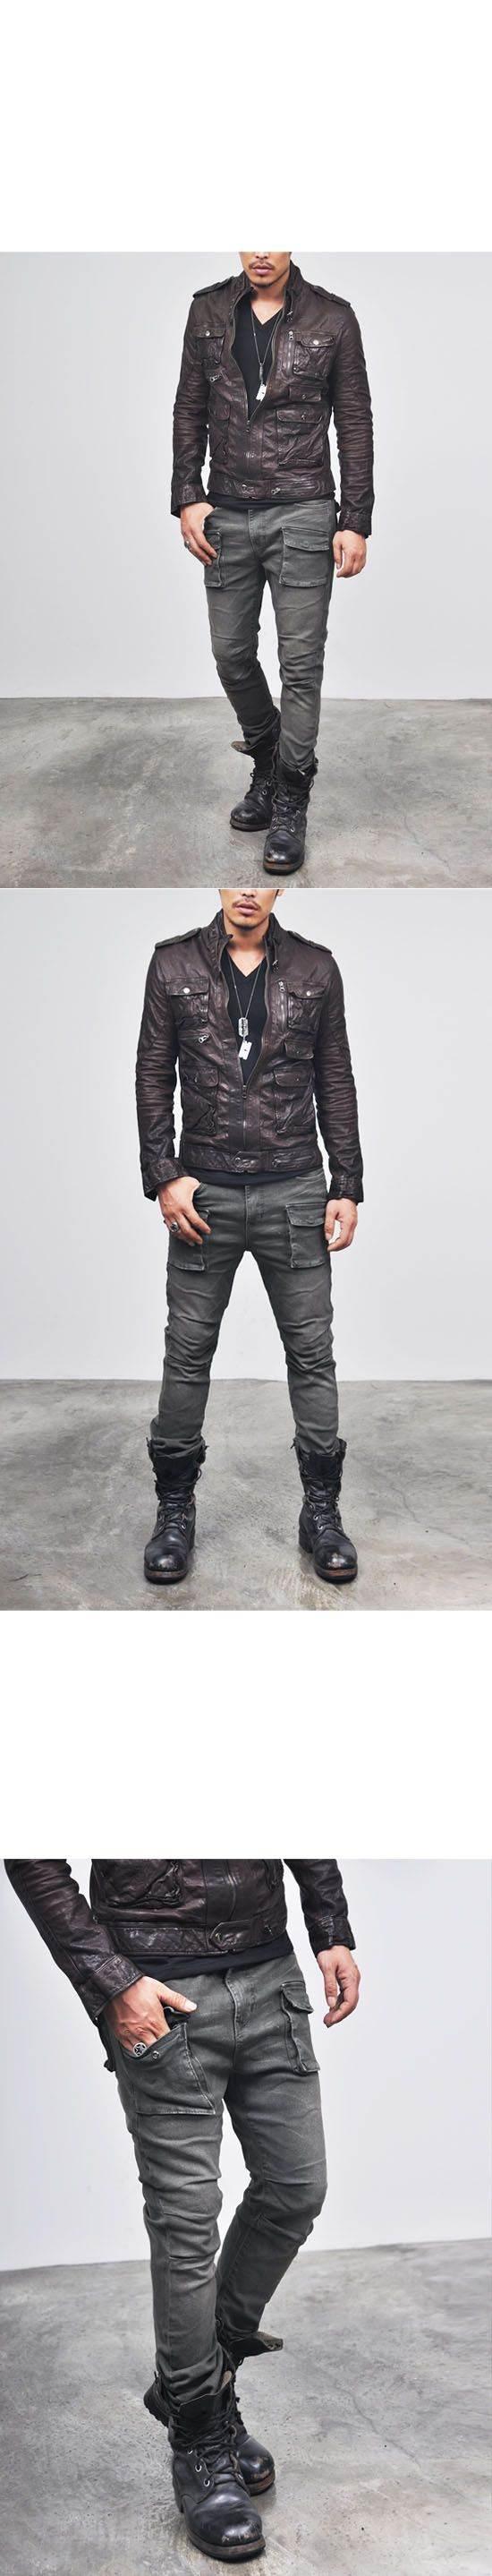 معرفی مدل های لاکچری شلوار مردانه محصول 2020